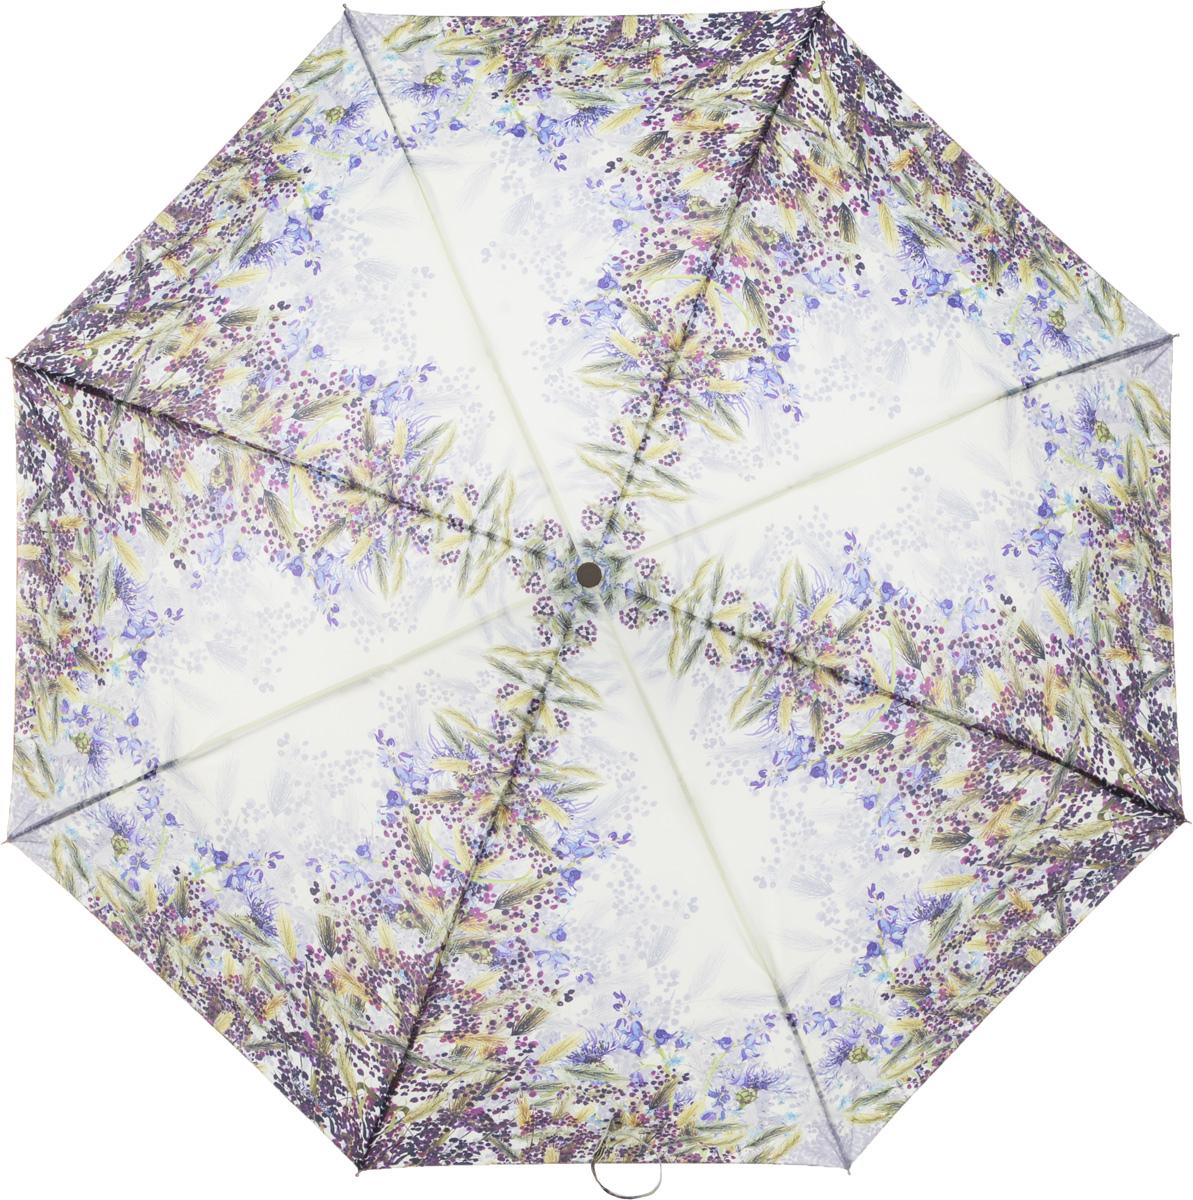 Зонт женский Eleganzza, автомат, 3 сложения, цвет: салатовый. A3-05-0302LSA3-05-0302LSЖенский зонт-автомат торговой марки ELEGANZZA с каркасом Smart, который позволяет без особых усилий складывать зонт, не позволяя стержню вылетать обратно. Купол: 100% полиэстер, эпонж. Материал каркаса: сталь + алюминий + фибергласс. Материал ручки: пластик. Длина изделия - 30 см. Диаметр купола - 105 см. Система Smart, не позволяет стержню при сложении вылететь обратно, это облегчает сложение зонта! При сложении есть характерный звук-треск, как трещетка. Примечание: зонт не откроется с кнопки если его не закрыть до щелчка!